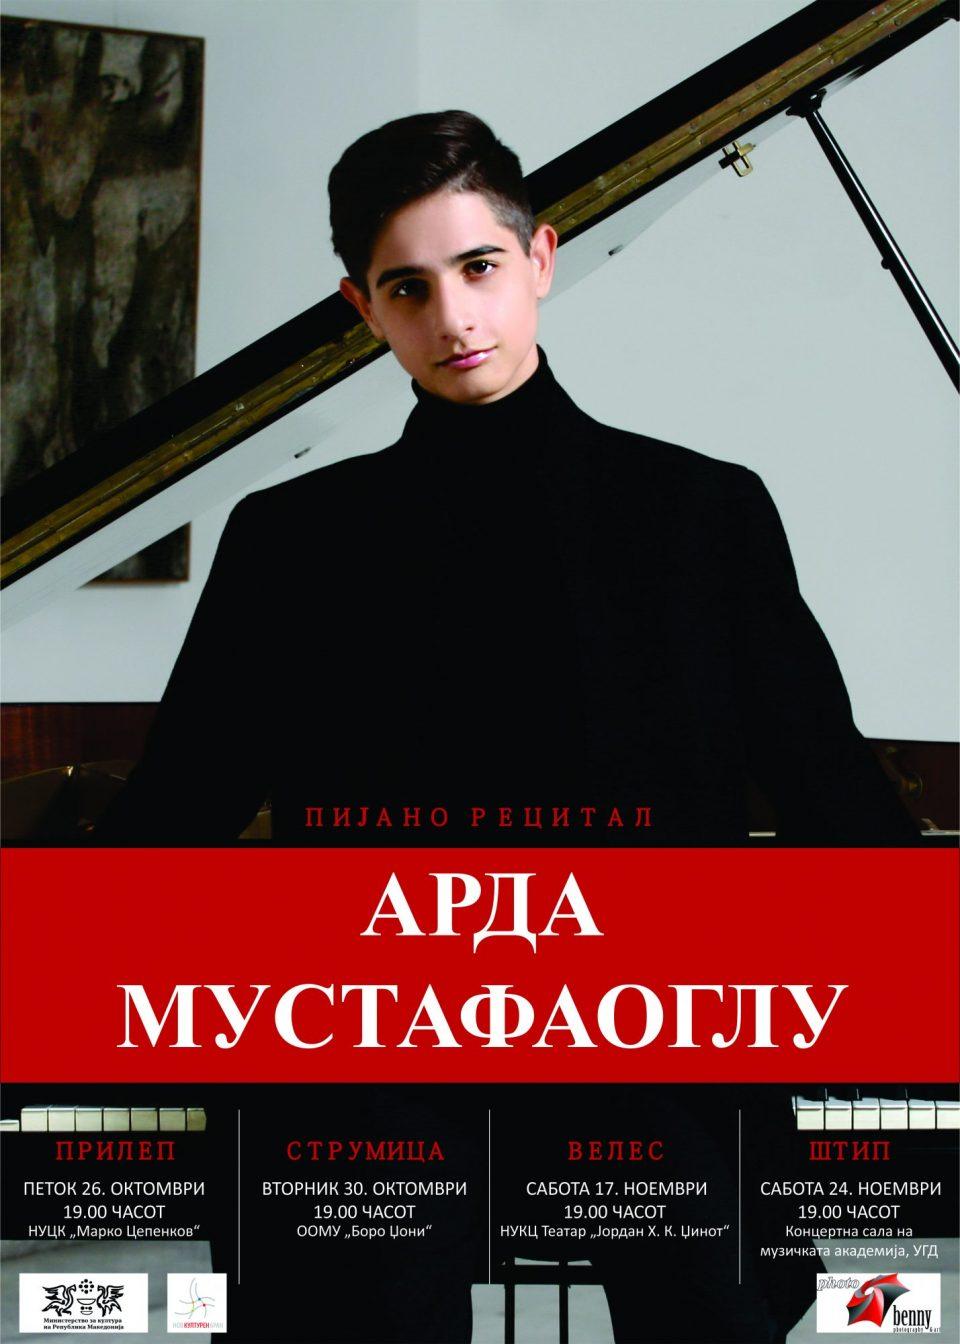 Пијано рецитал на шестнаесетгодишниот Арда Мустафаоглу во Прилеп